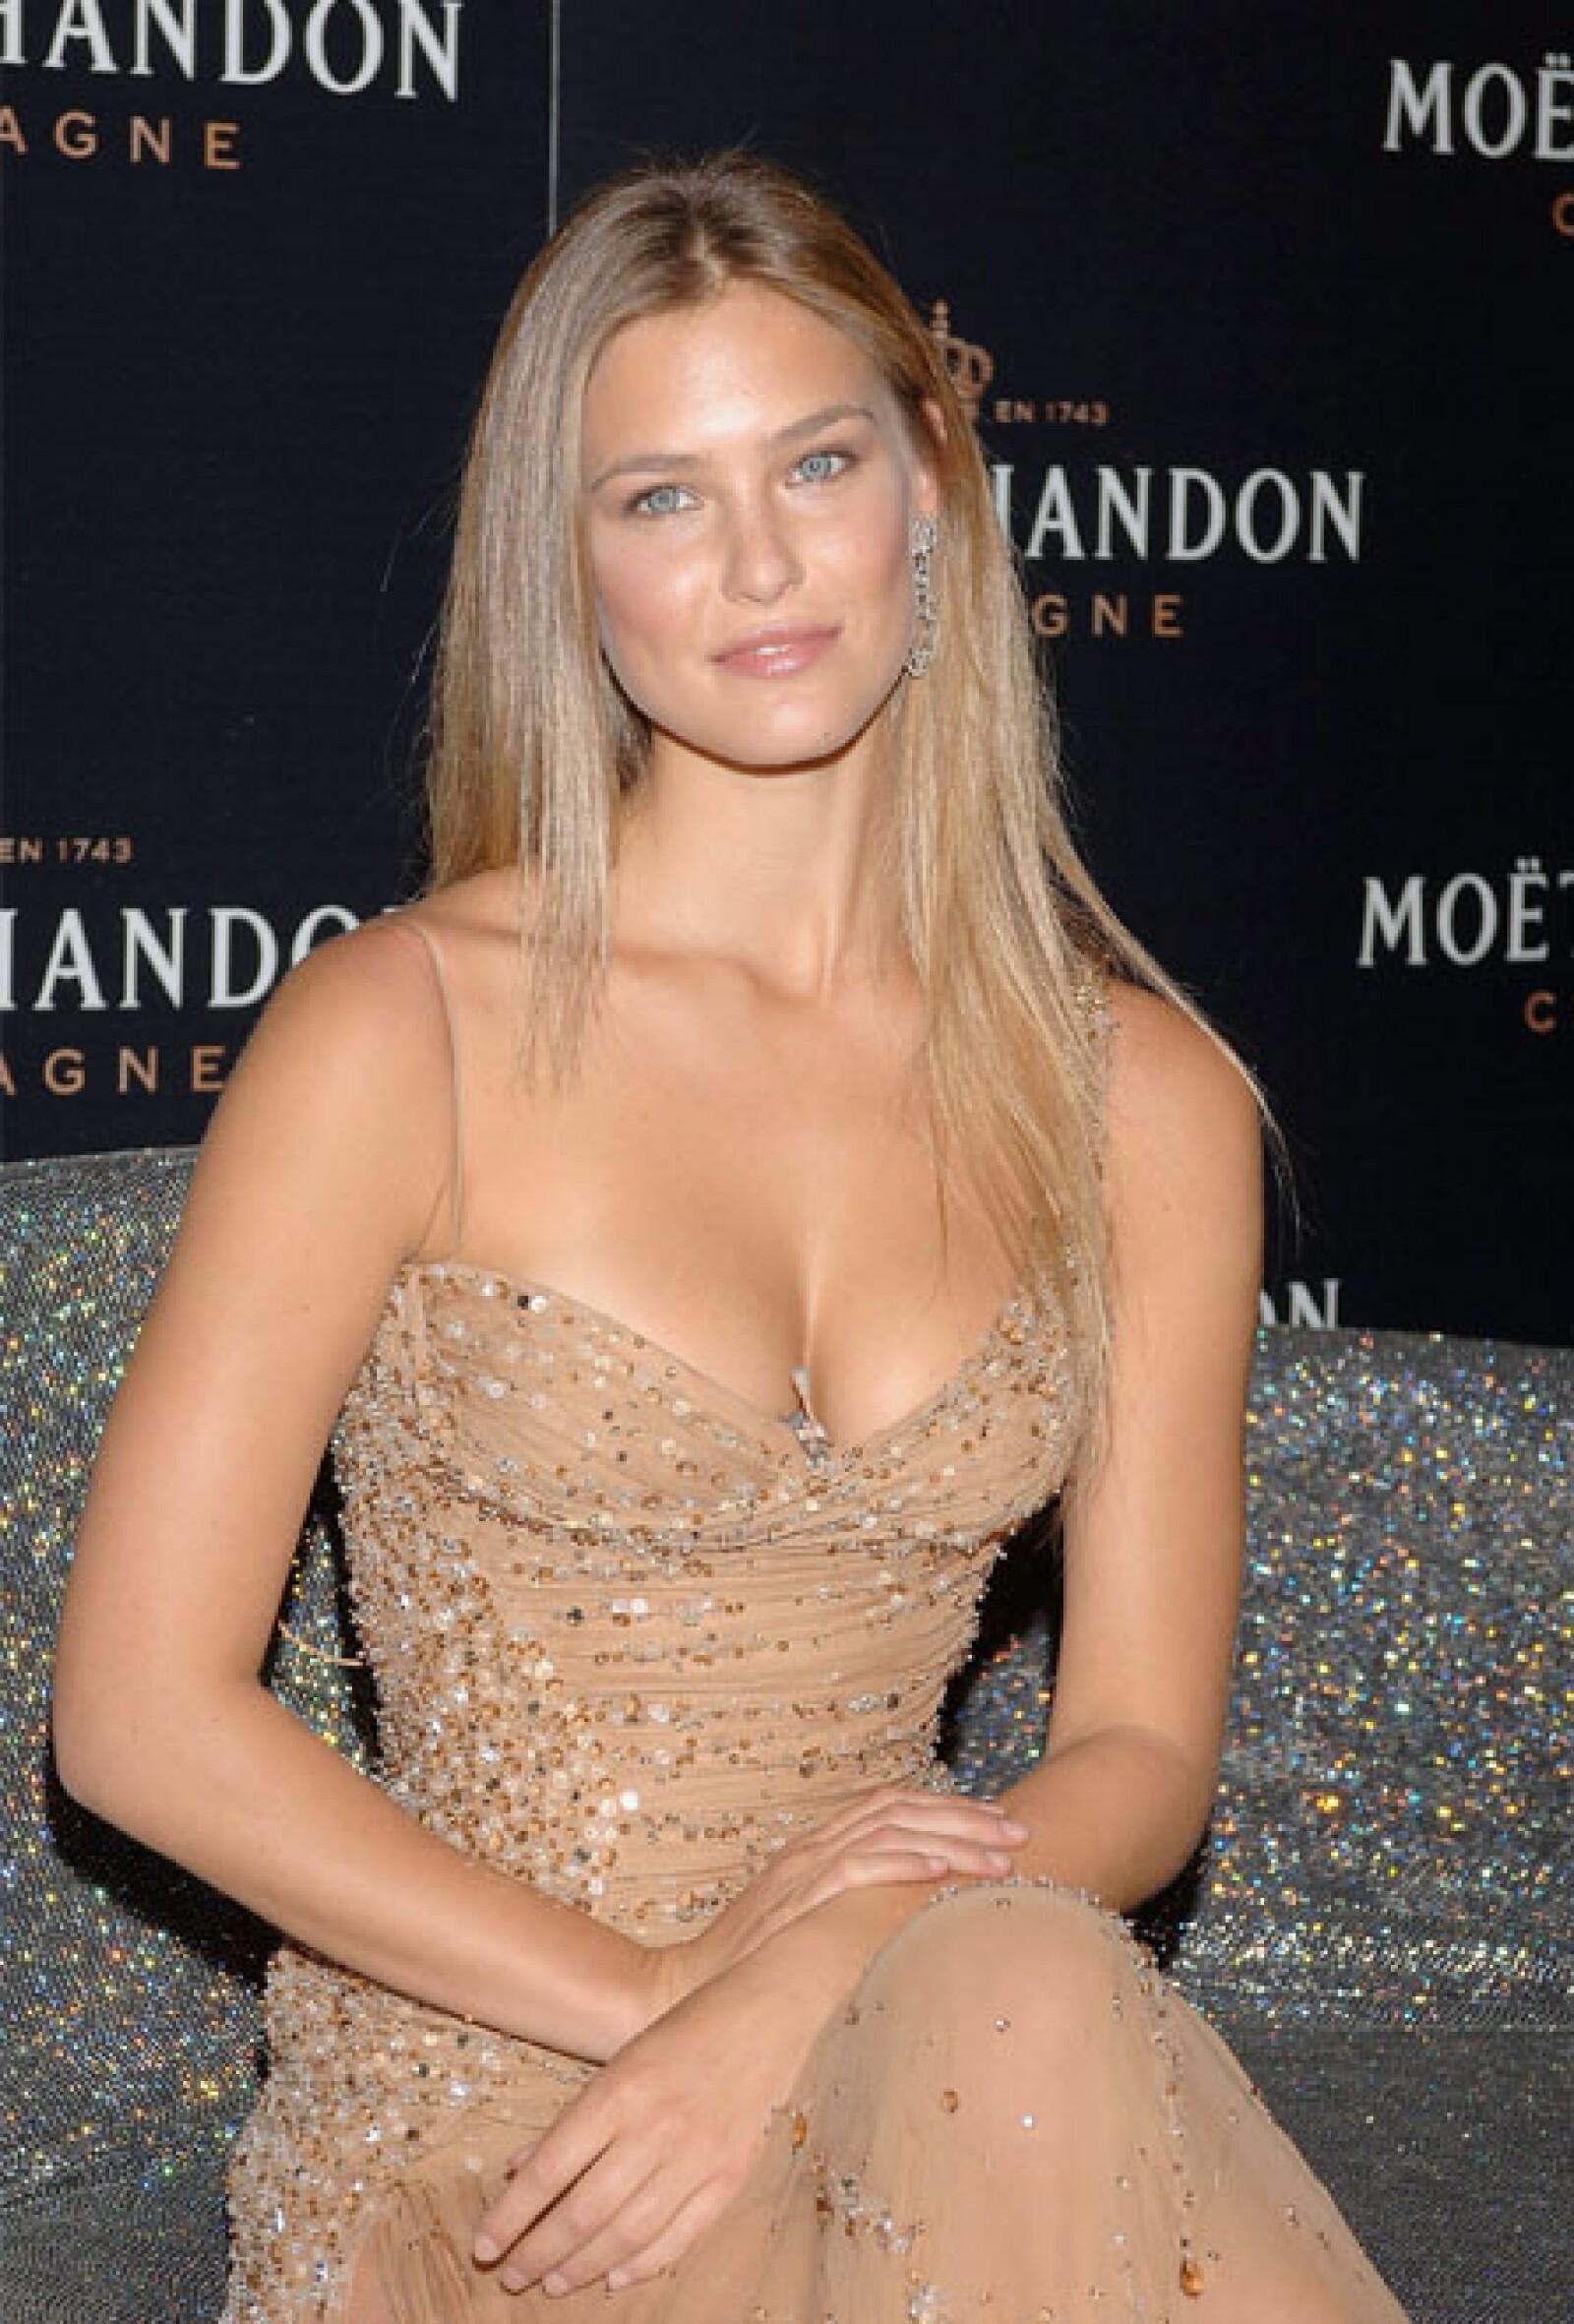 La modelo comparte muchas de sus fotos en viajes y cuando usa sensuales bikinis.